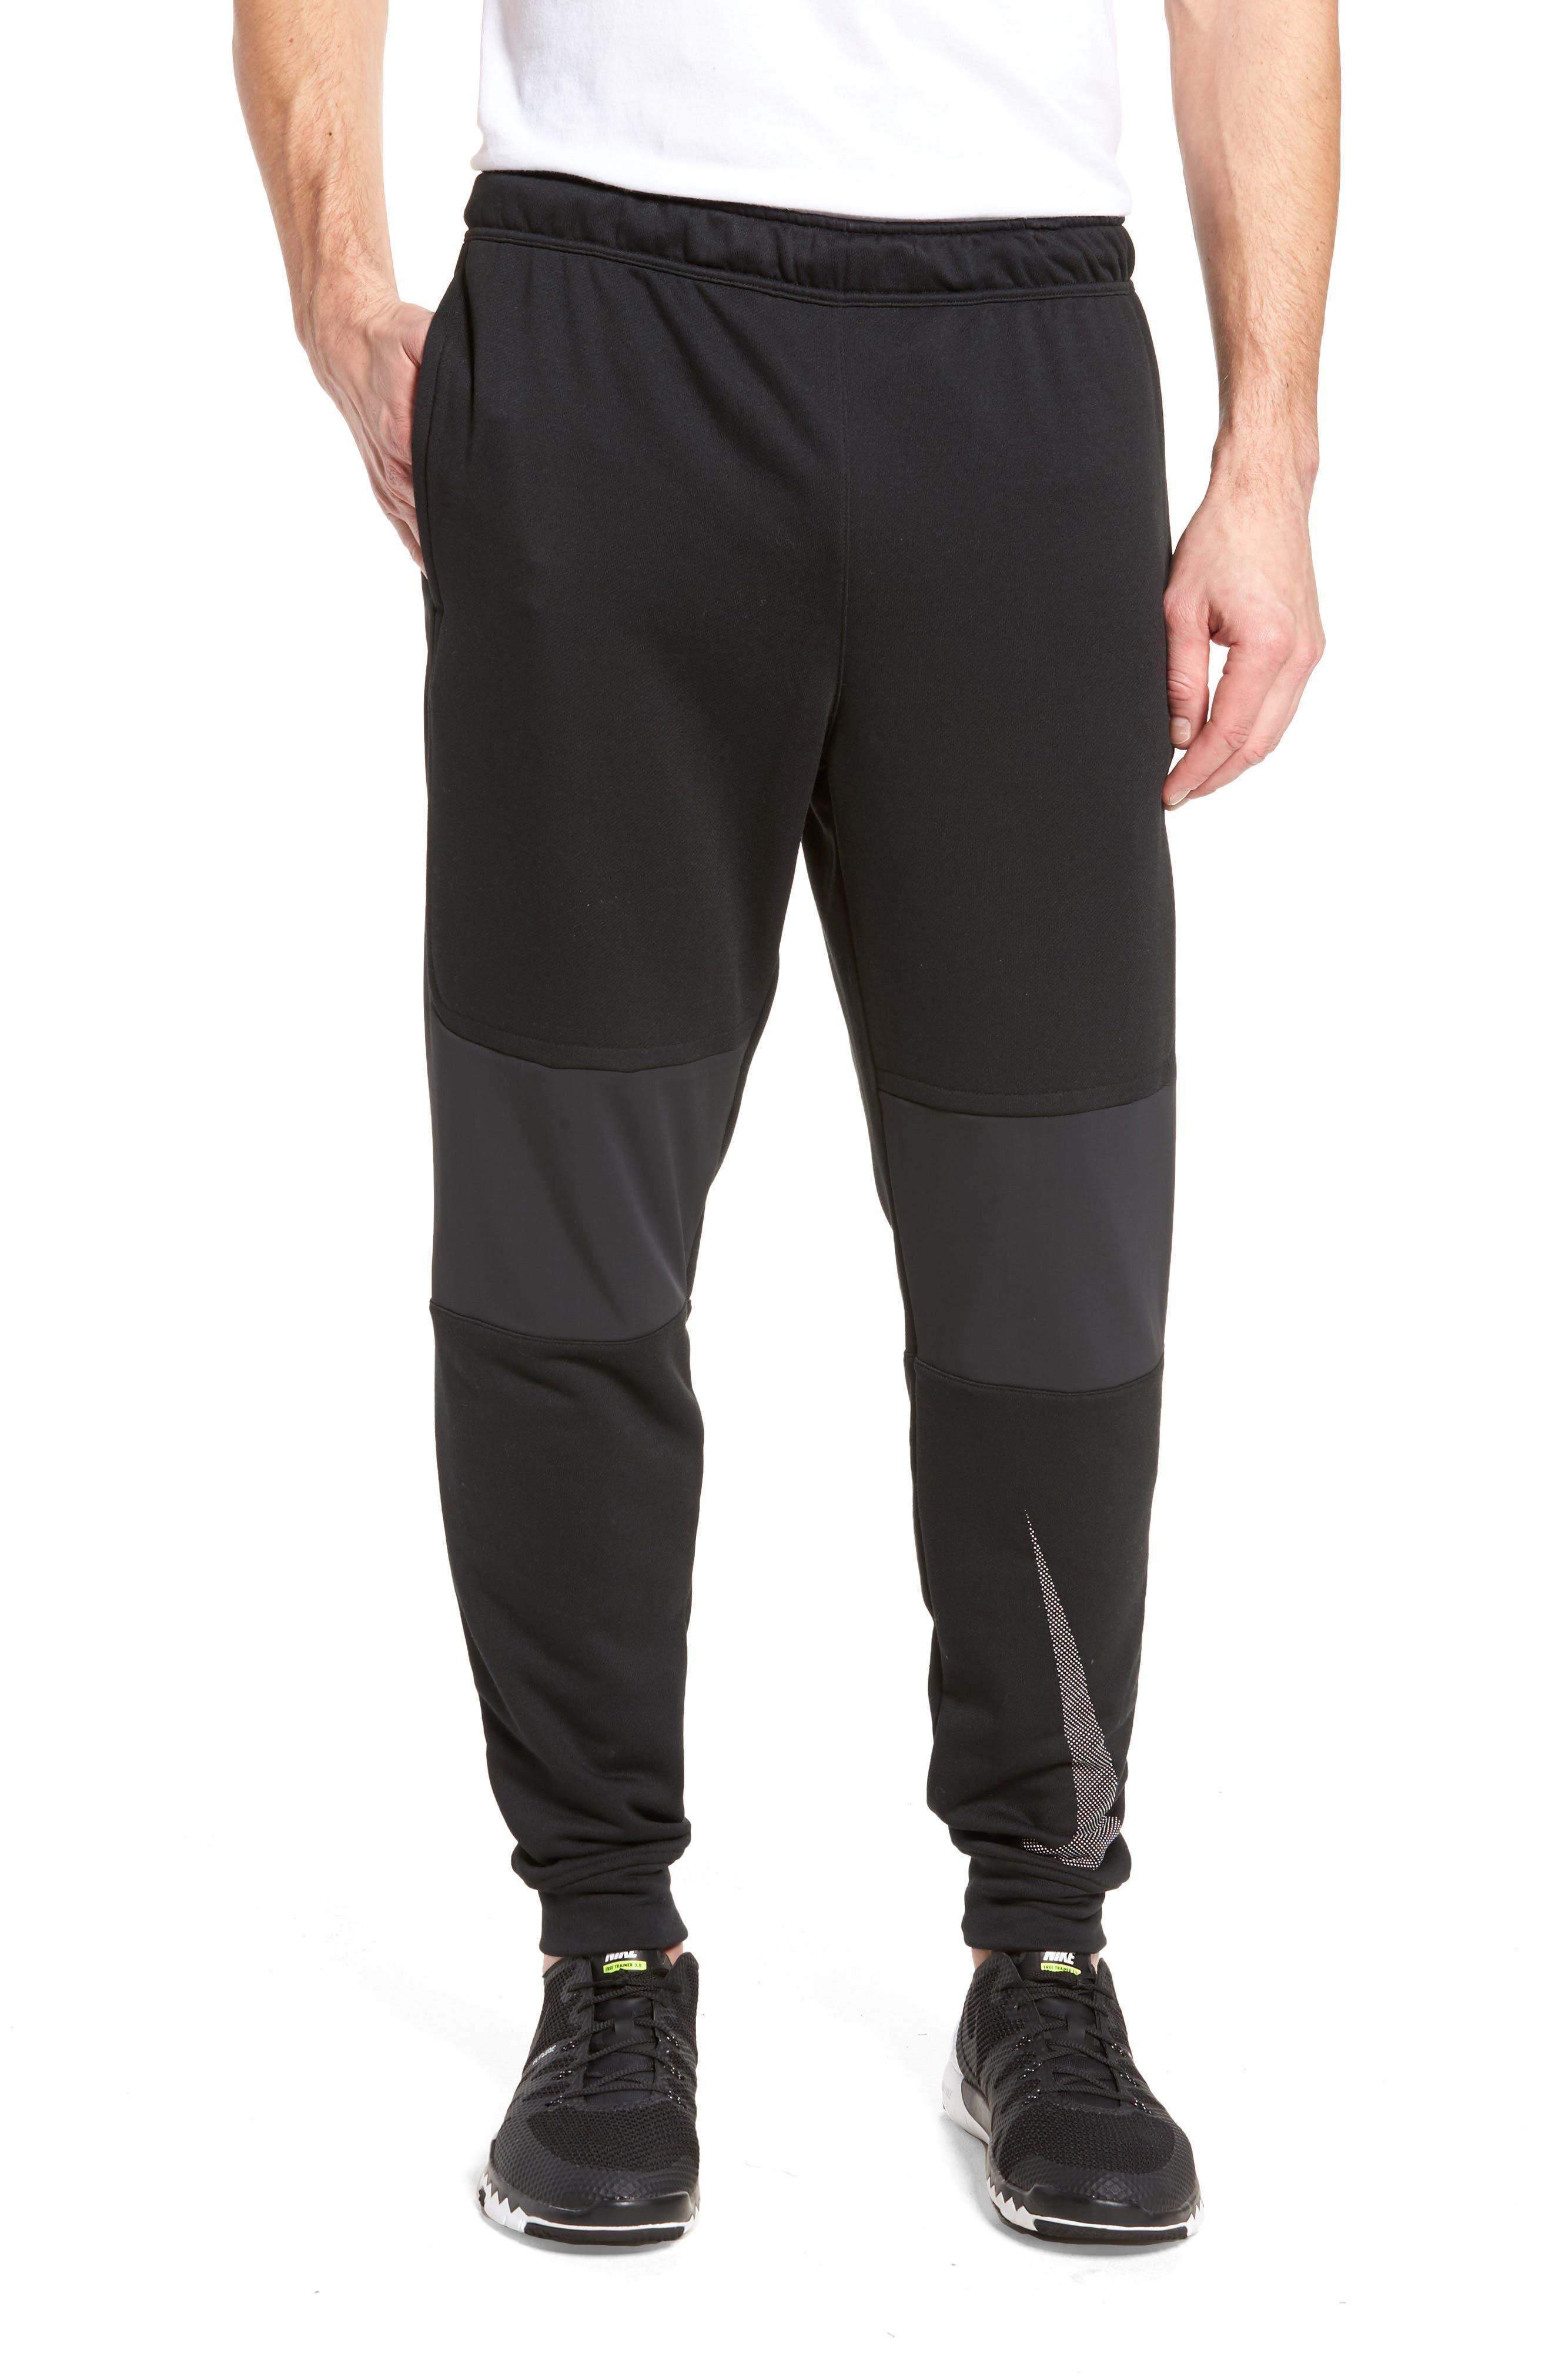 Training Project X Jogger Pants,                             Main thumbnail 1, color,                             Black/ Black/ White